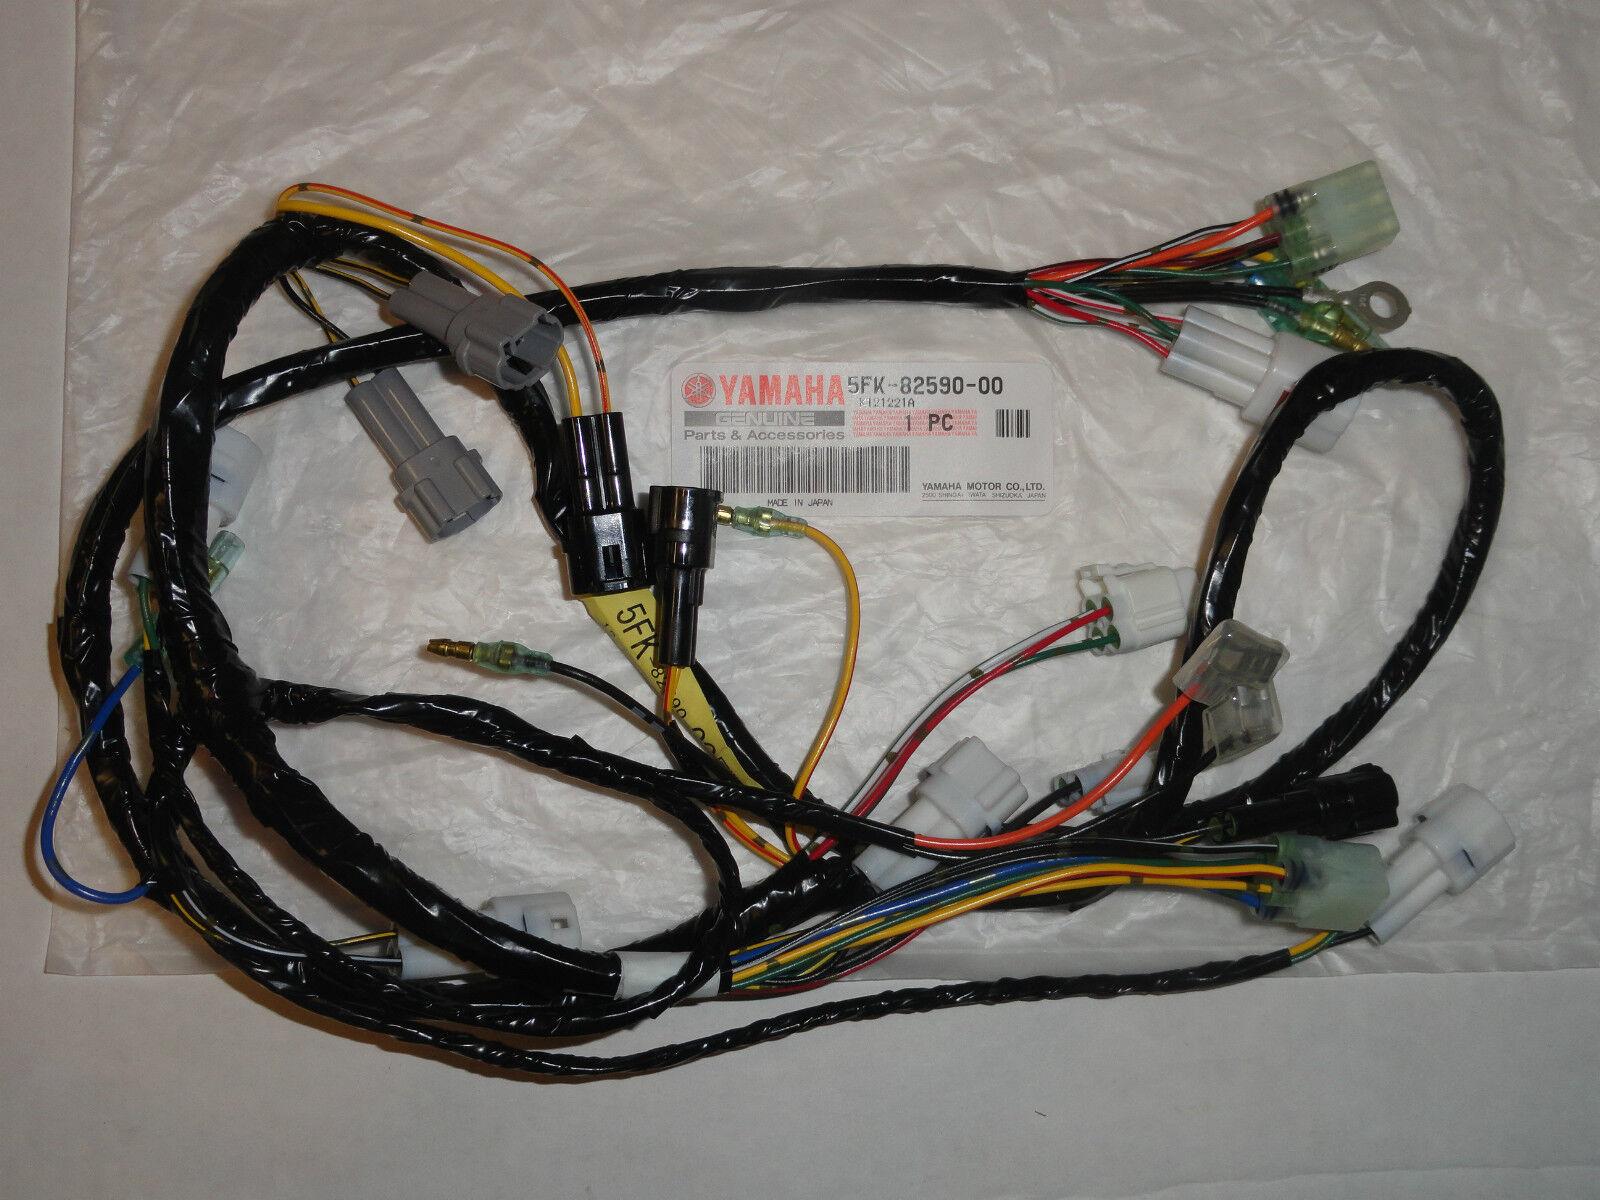 small resolution of yamaha banshee wiring harness routing yamaha image banshee coil wiring banshee image wiring diagram on yamaha